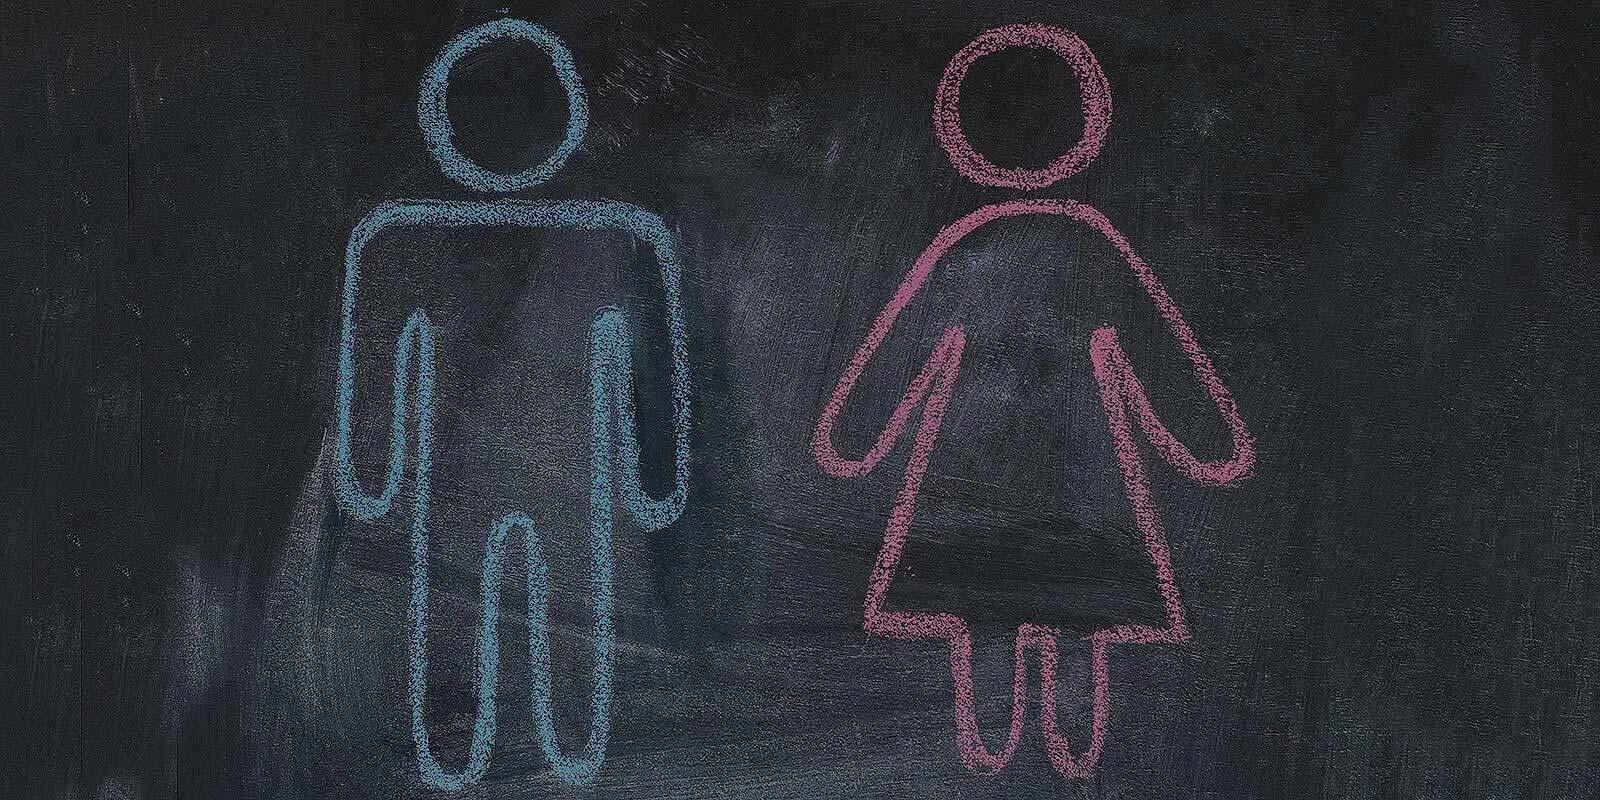 Formlarda Cinsiyet Soruları Nasıl Sorulmalı?